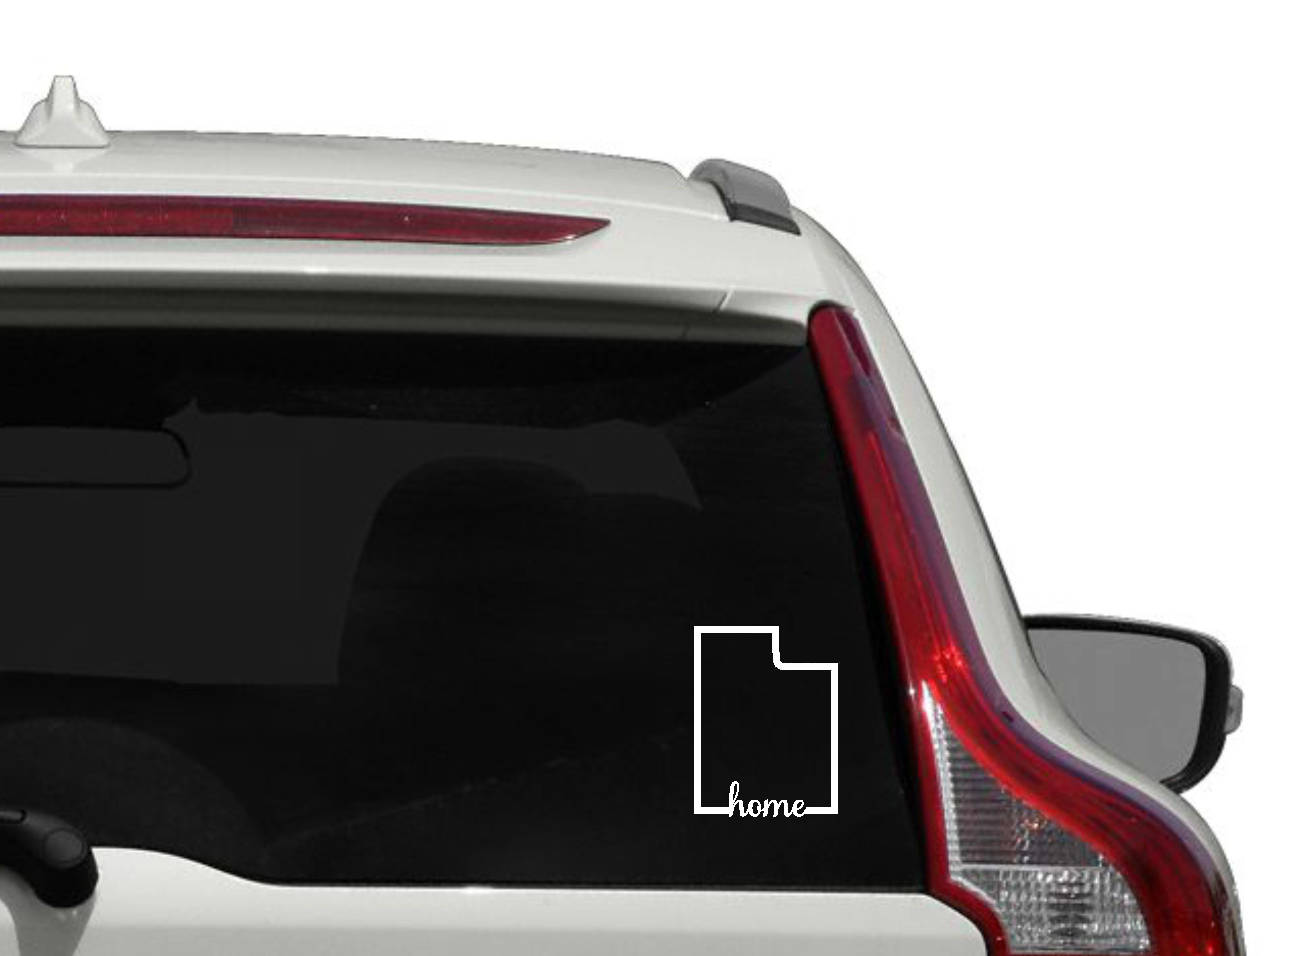 Utah Home Vinyl Decal Outline State Of Utah Car Decal Utah - Custom vinyl decals utah